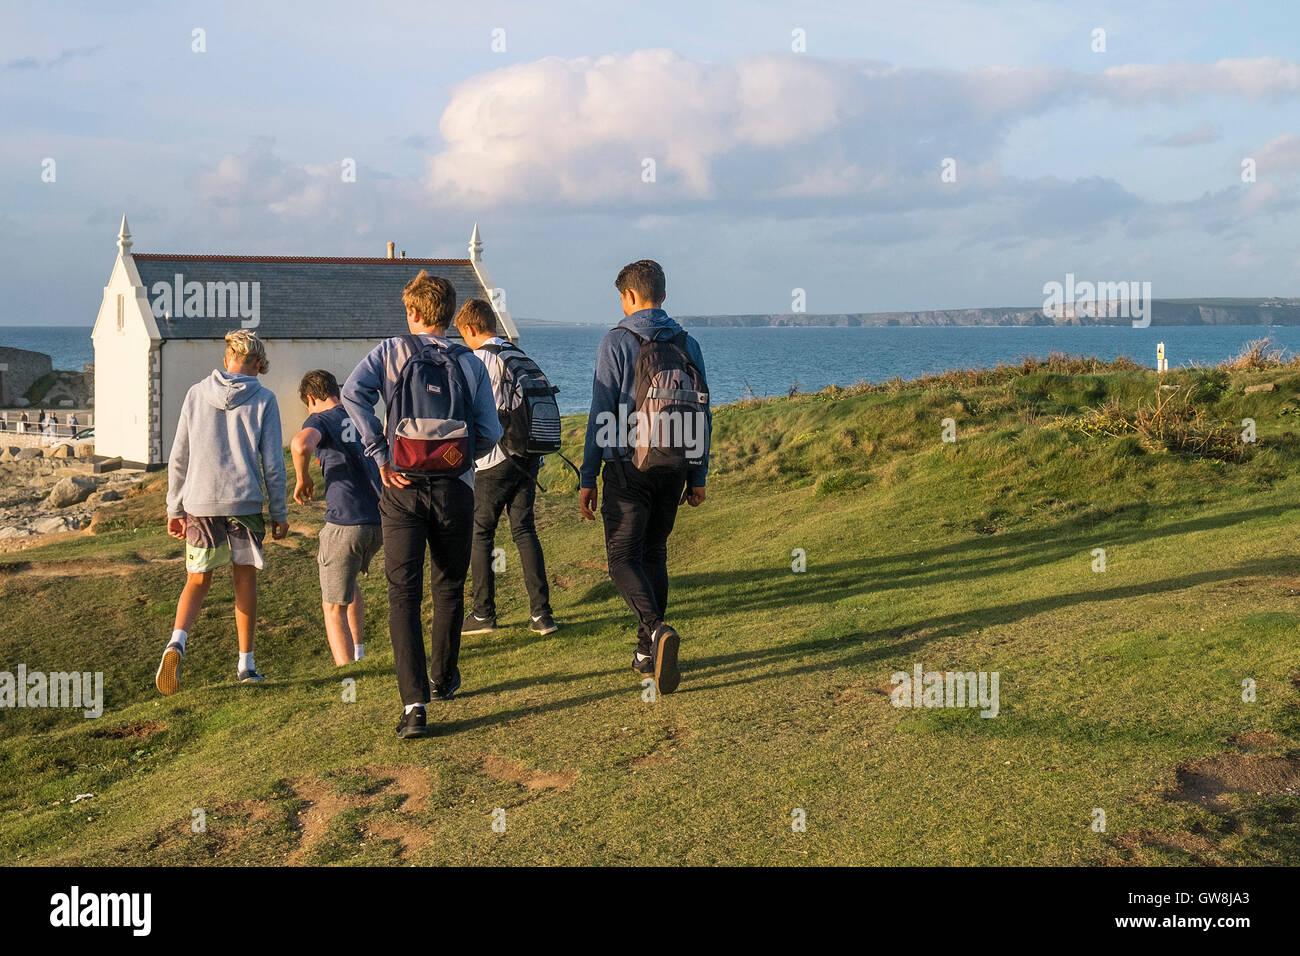 Fiver teenage boys walking towards Towan head in Newquay, Cornwall. - Stock Image